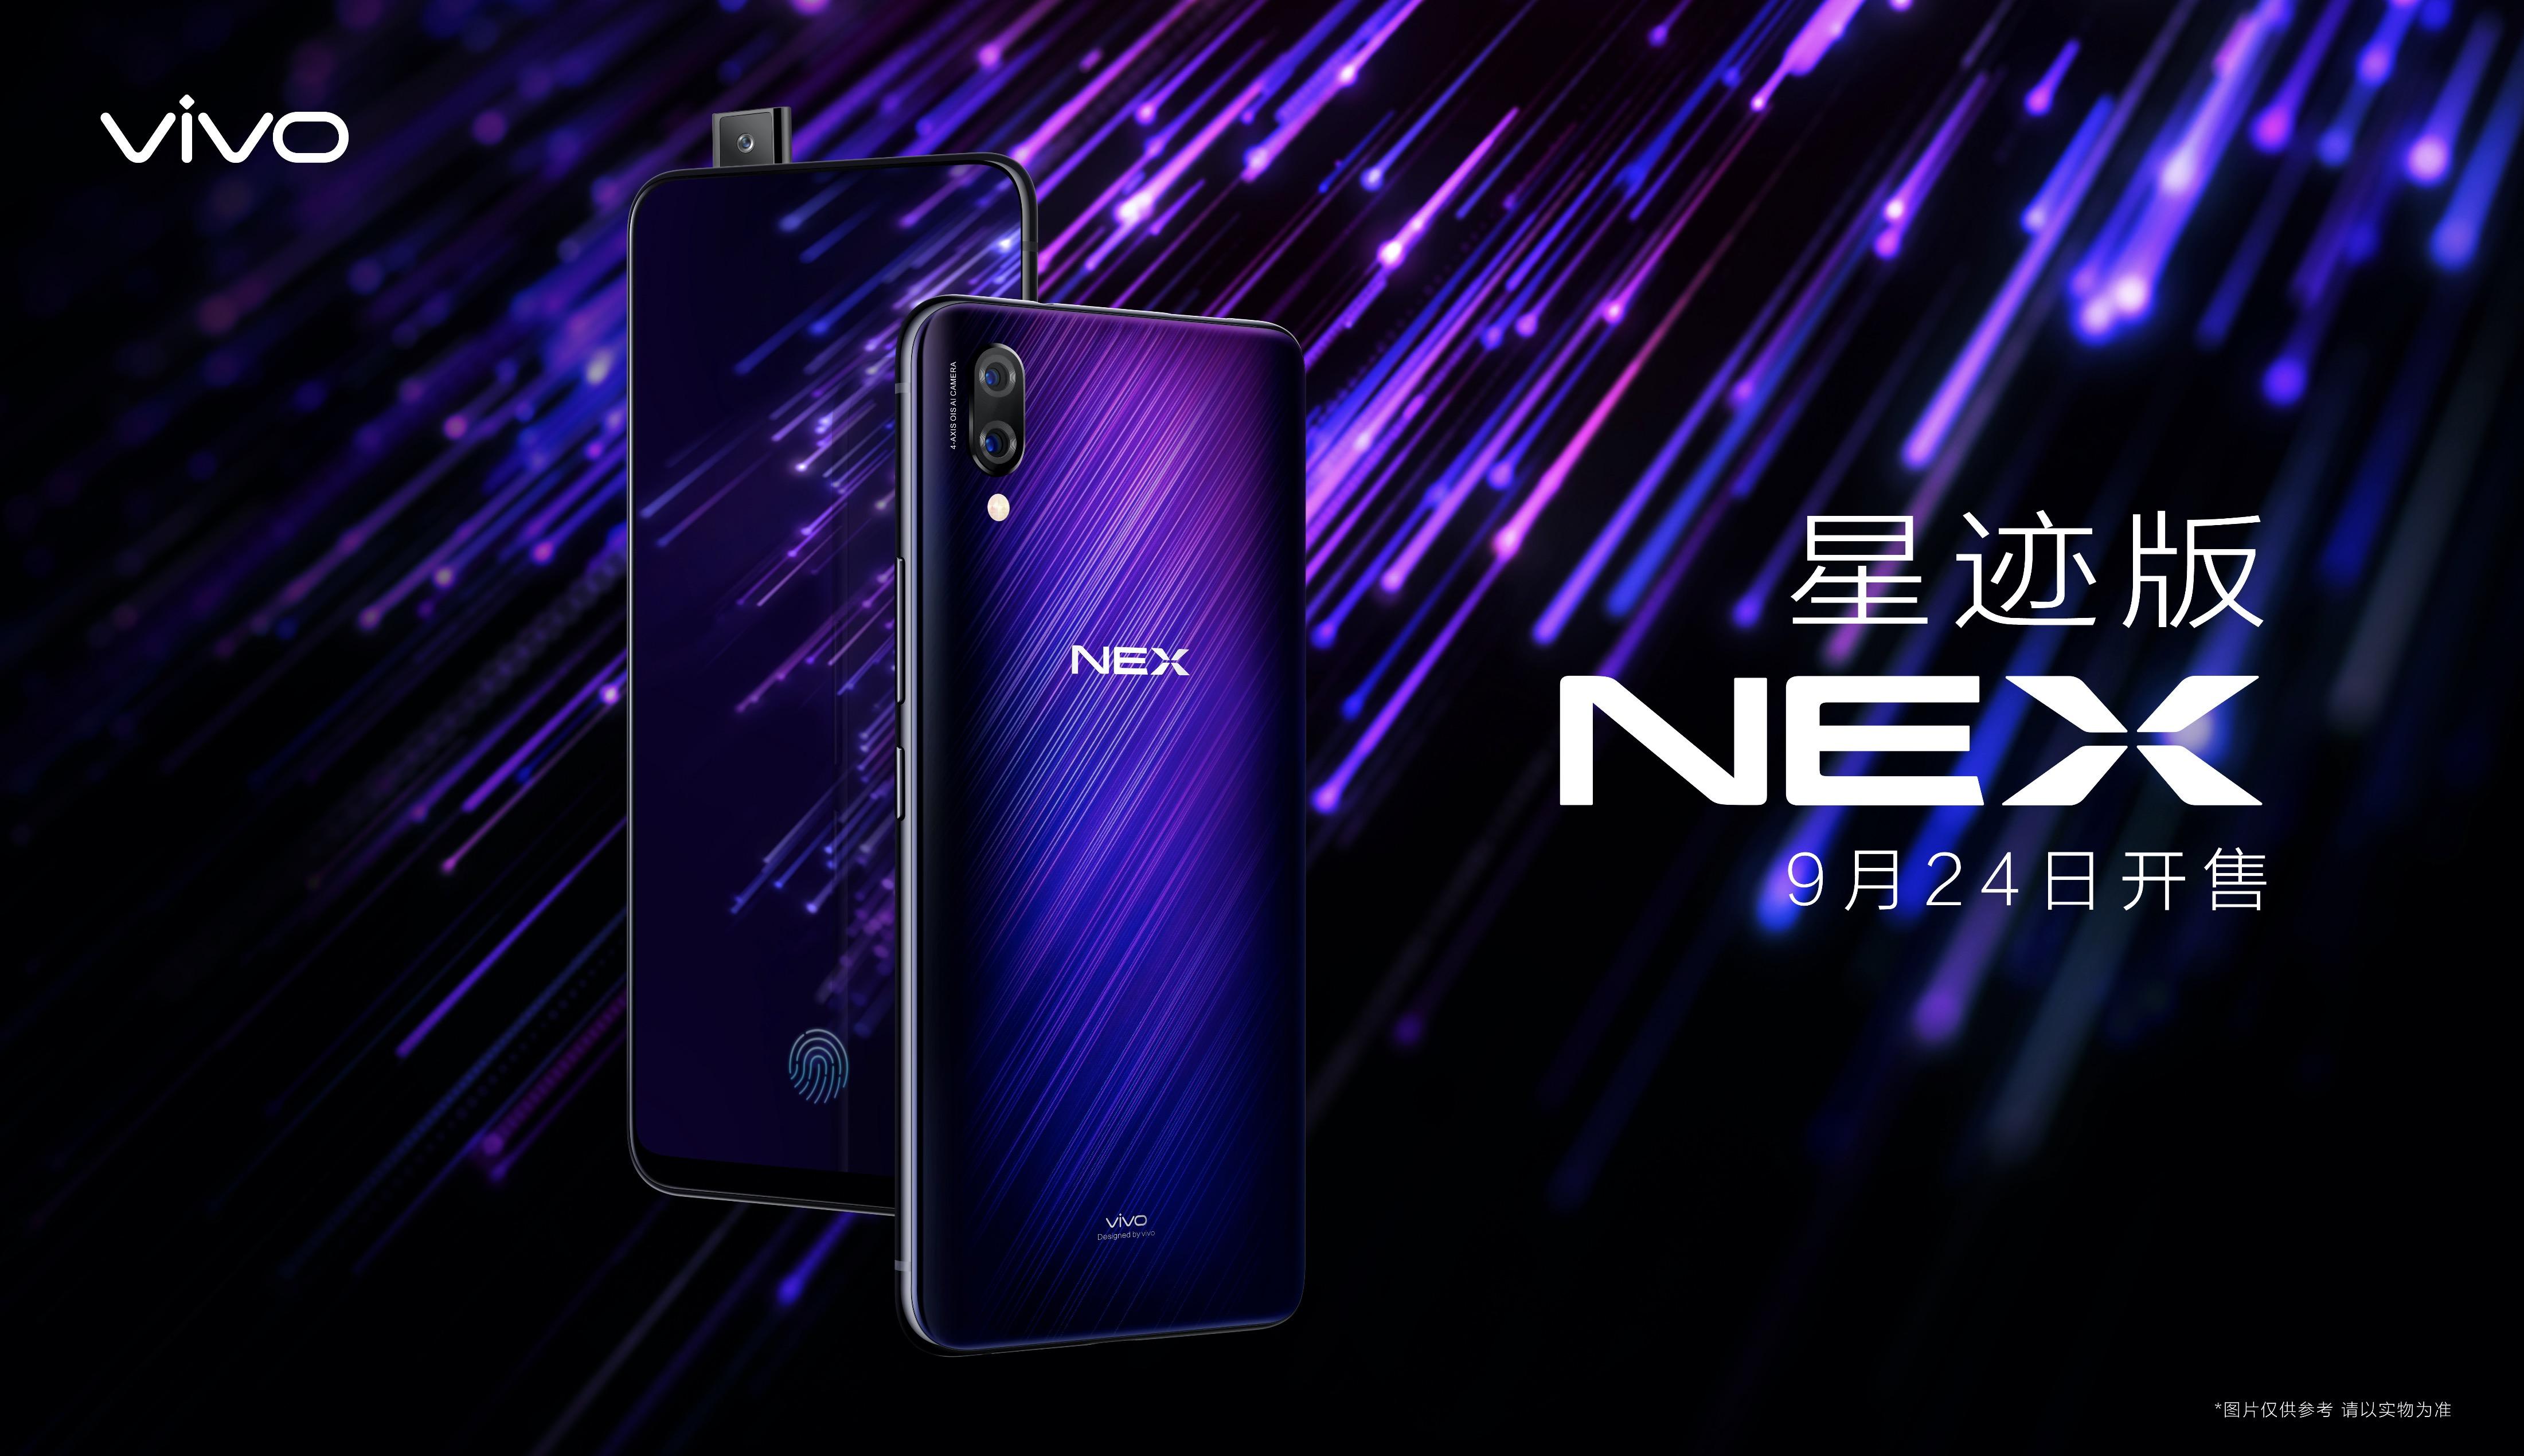 拒绝单调!vivo NEX推蓝紫渐变新版 演绎时尚新潮流